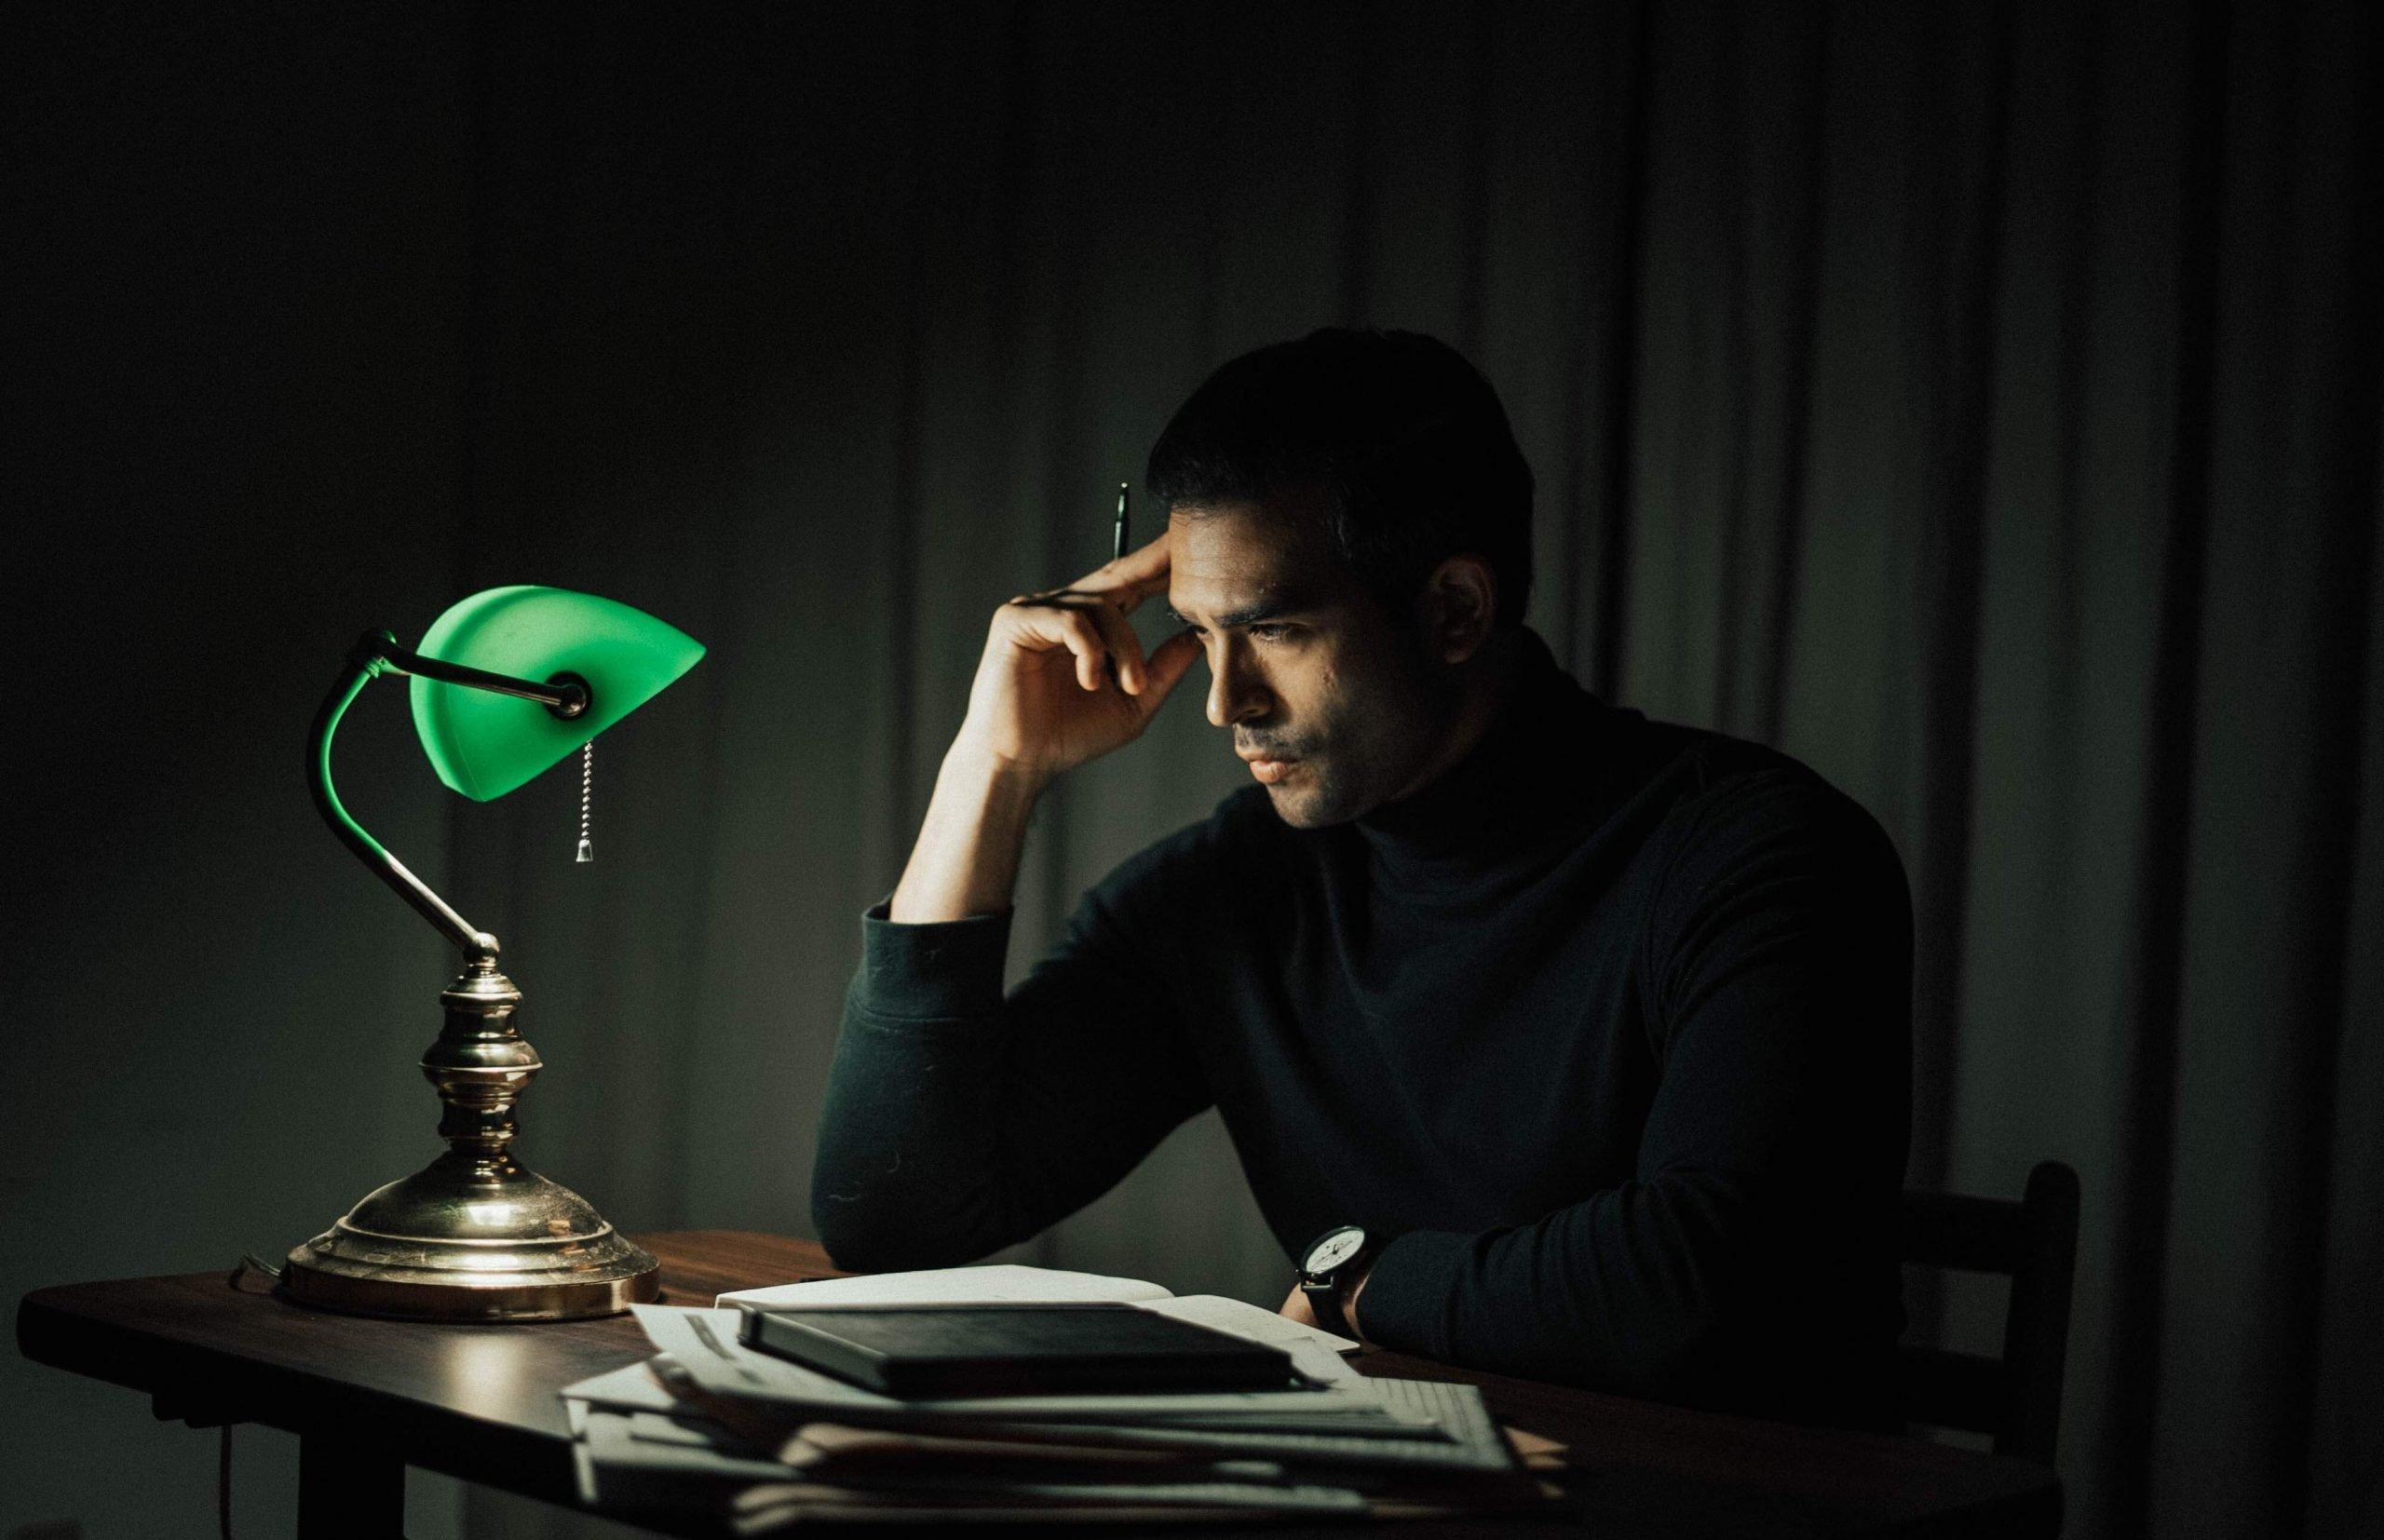 man thinking in the dark